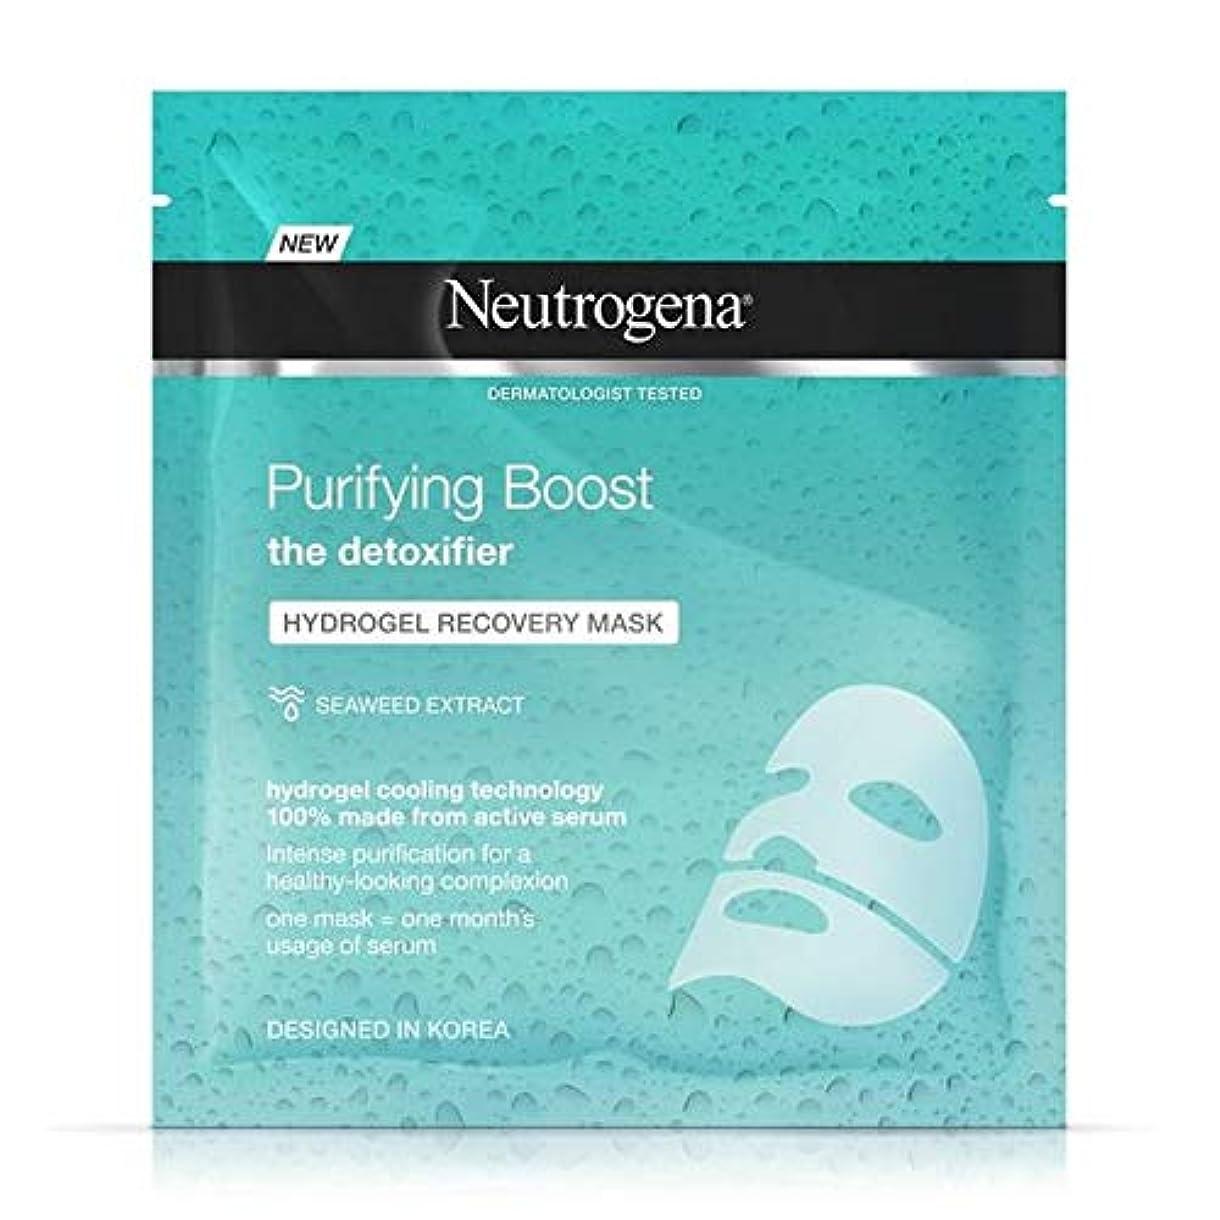 ポール衝動批判[Neutrogena] ニュートロジーナ浄化ブーストハイドロゲルマスク30ミリリットル - Neutrogena Purifying Boost Hydrogel Mask 30ml [並行輸入品]